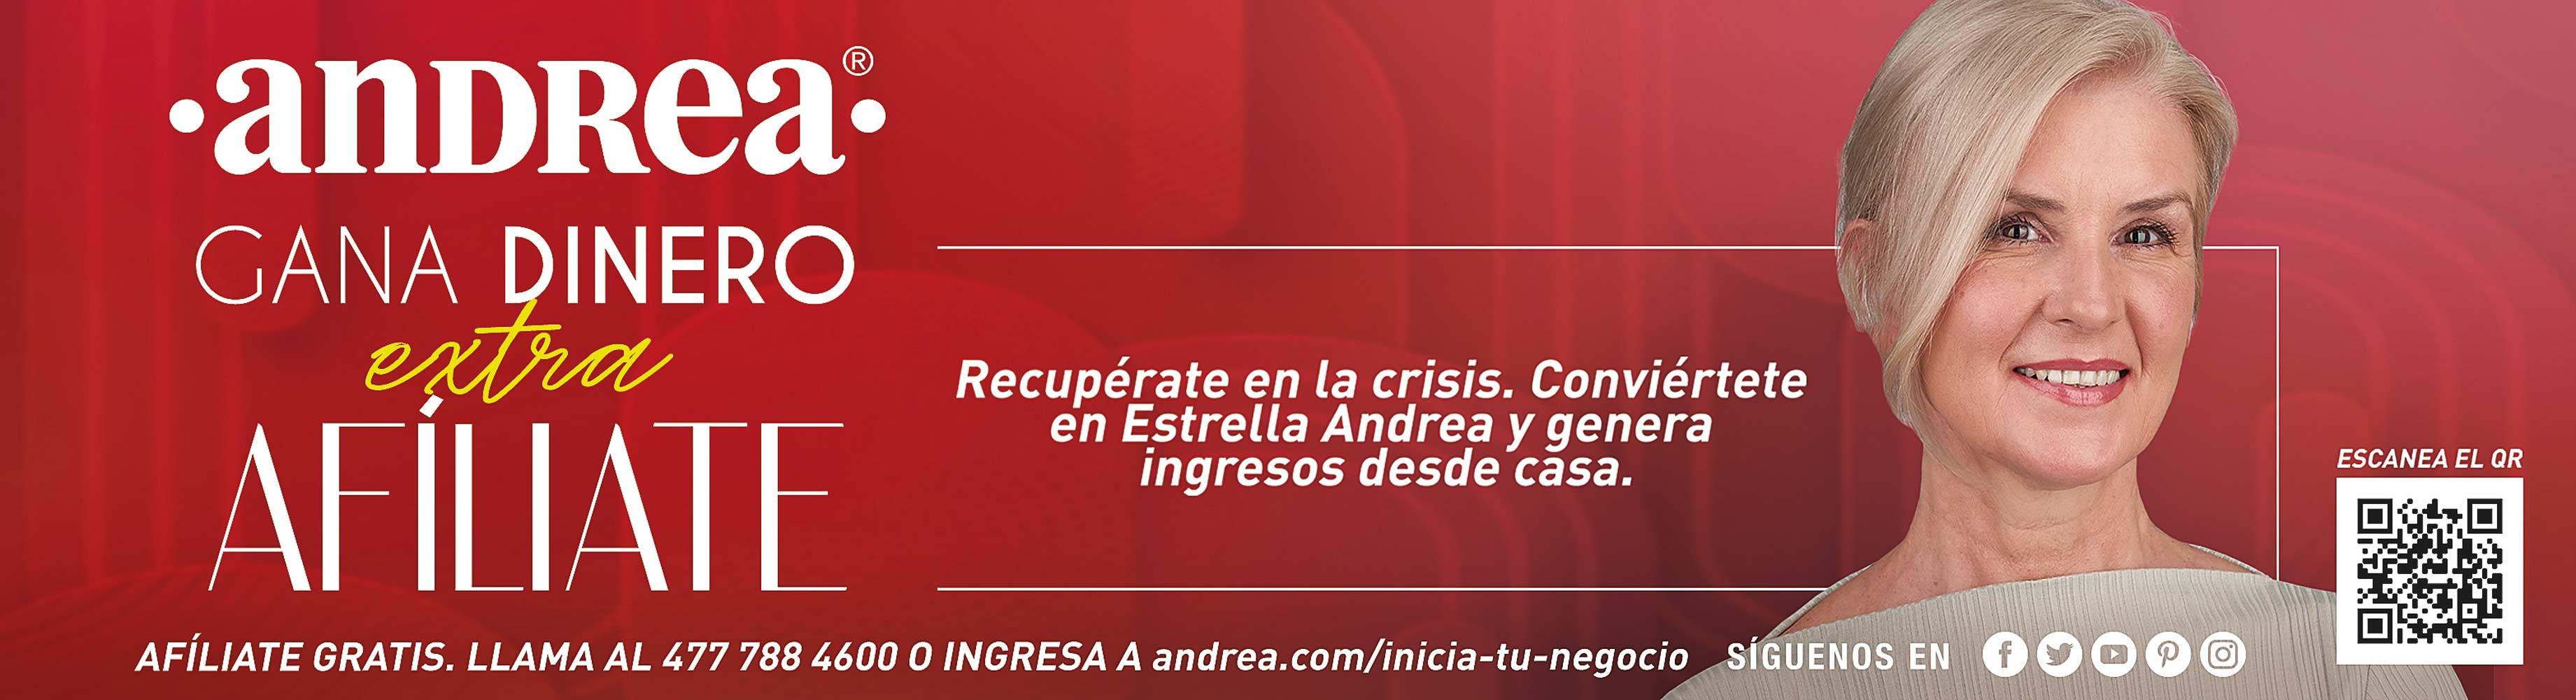 Anuncio Andrea segura edición CDMX del 26 de Octubre del 2020, Página 11